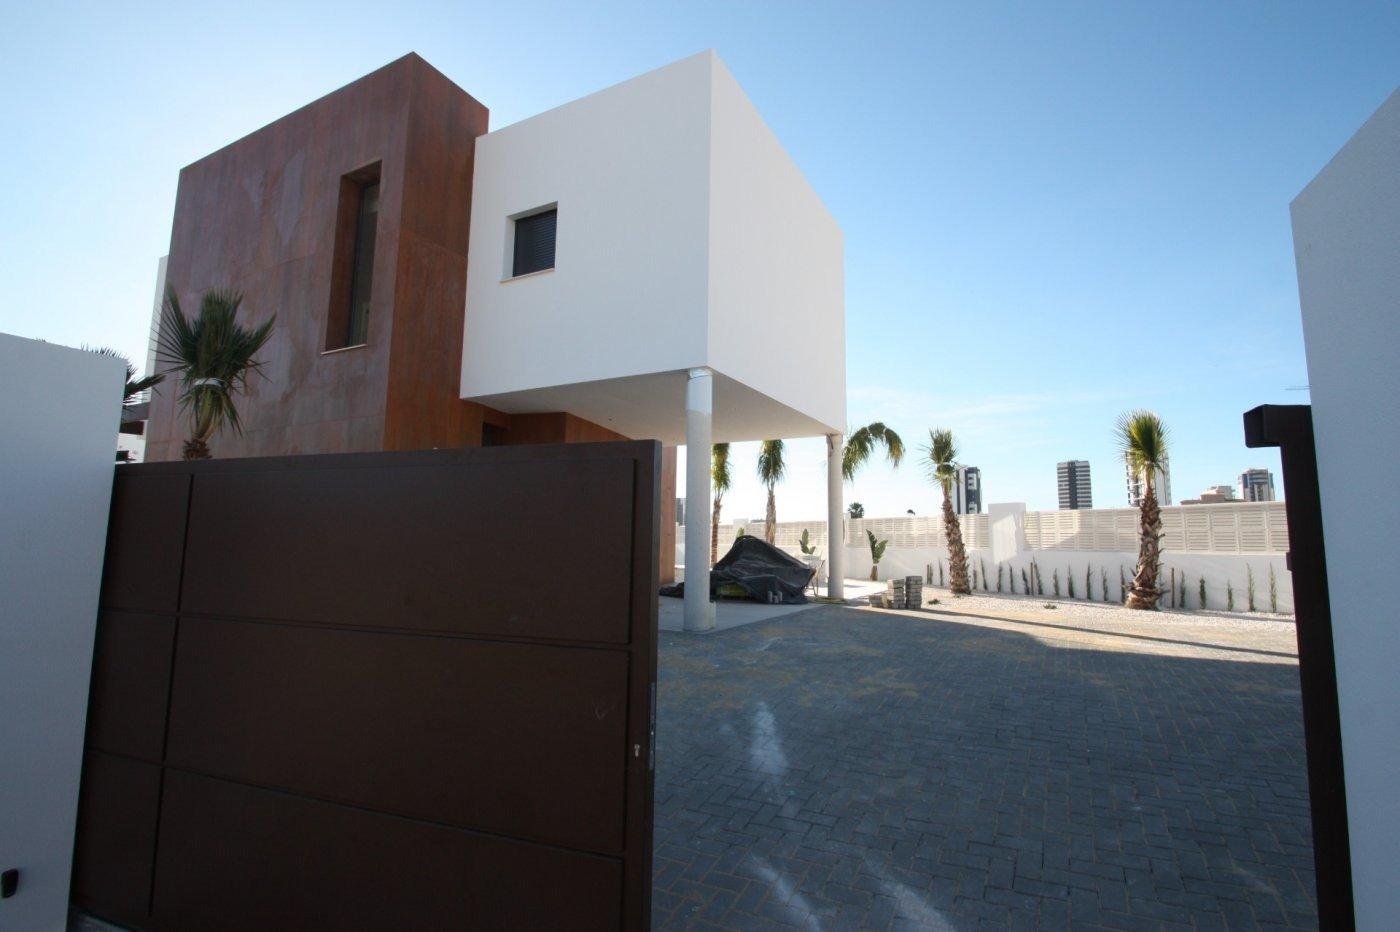 Villa de obra nueva de estilo moderno en venta en calpe a 600 m de la playa - imagenInmueble12